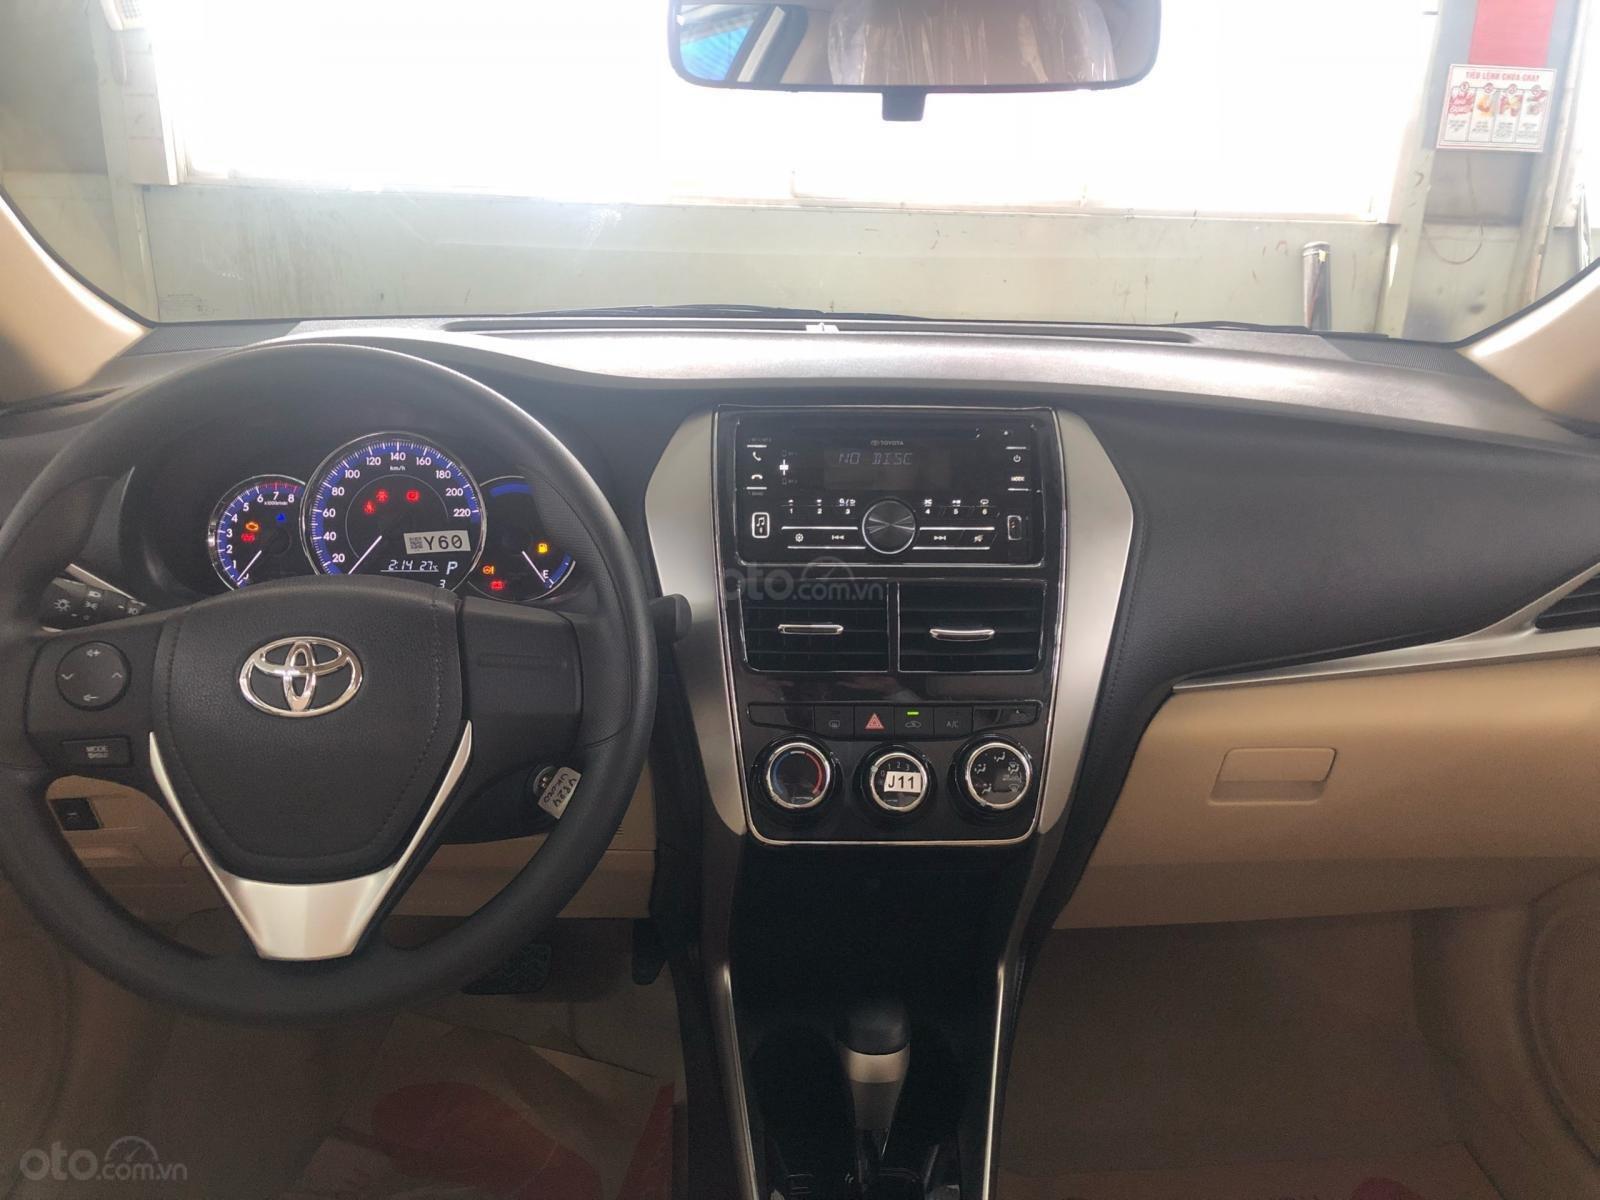 Toyota Hùng Vương Toyota Vios G, giá chỉ 520 triệu, giao ngay, đủ màu (4)